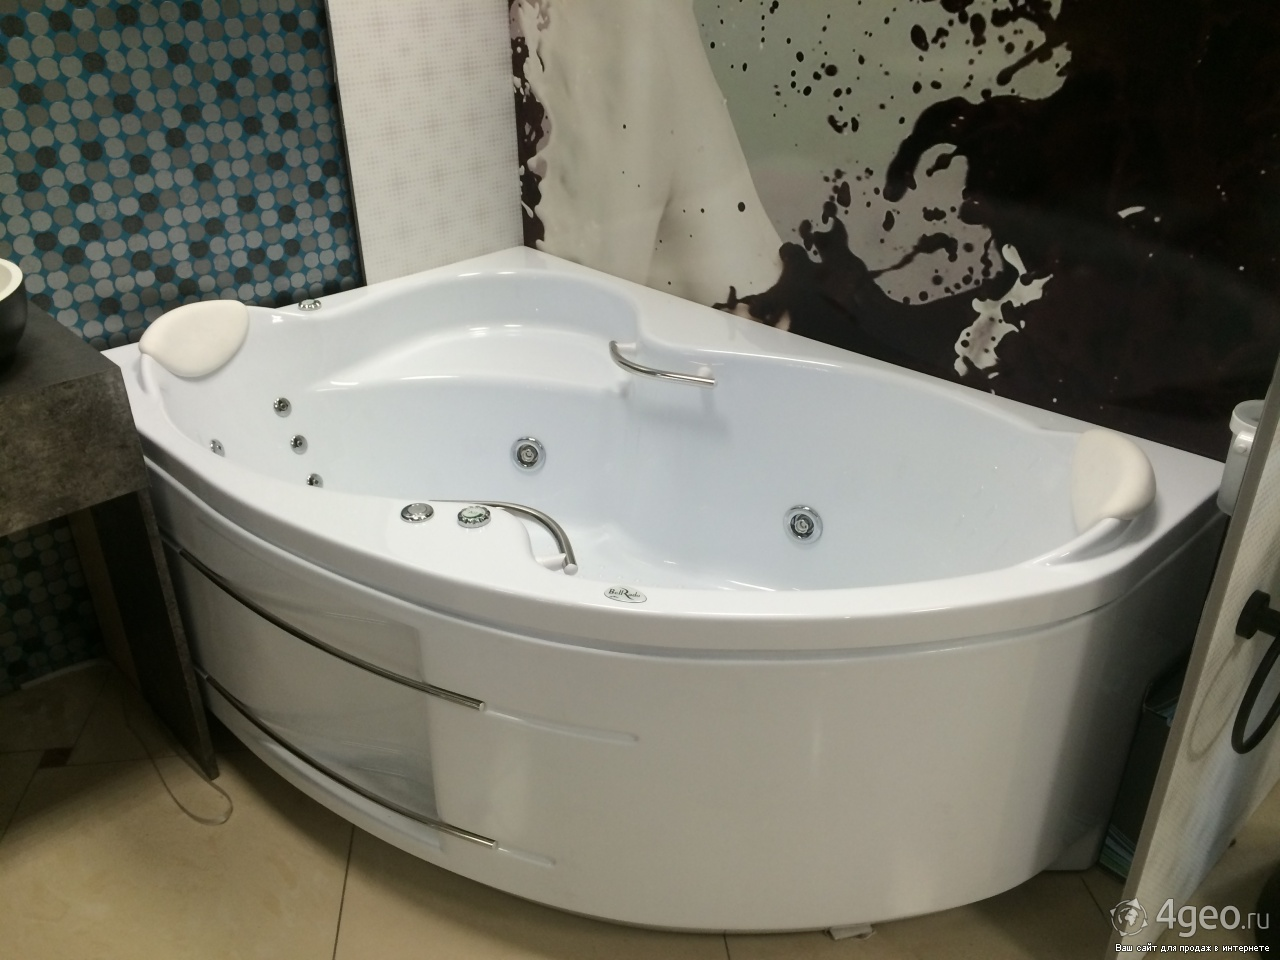 Ванна индиго в интерьере фото